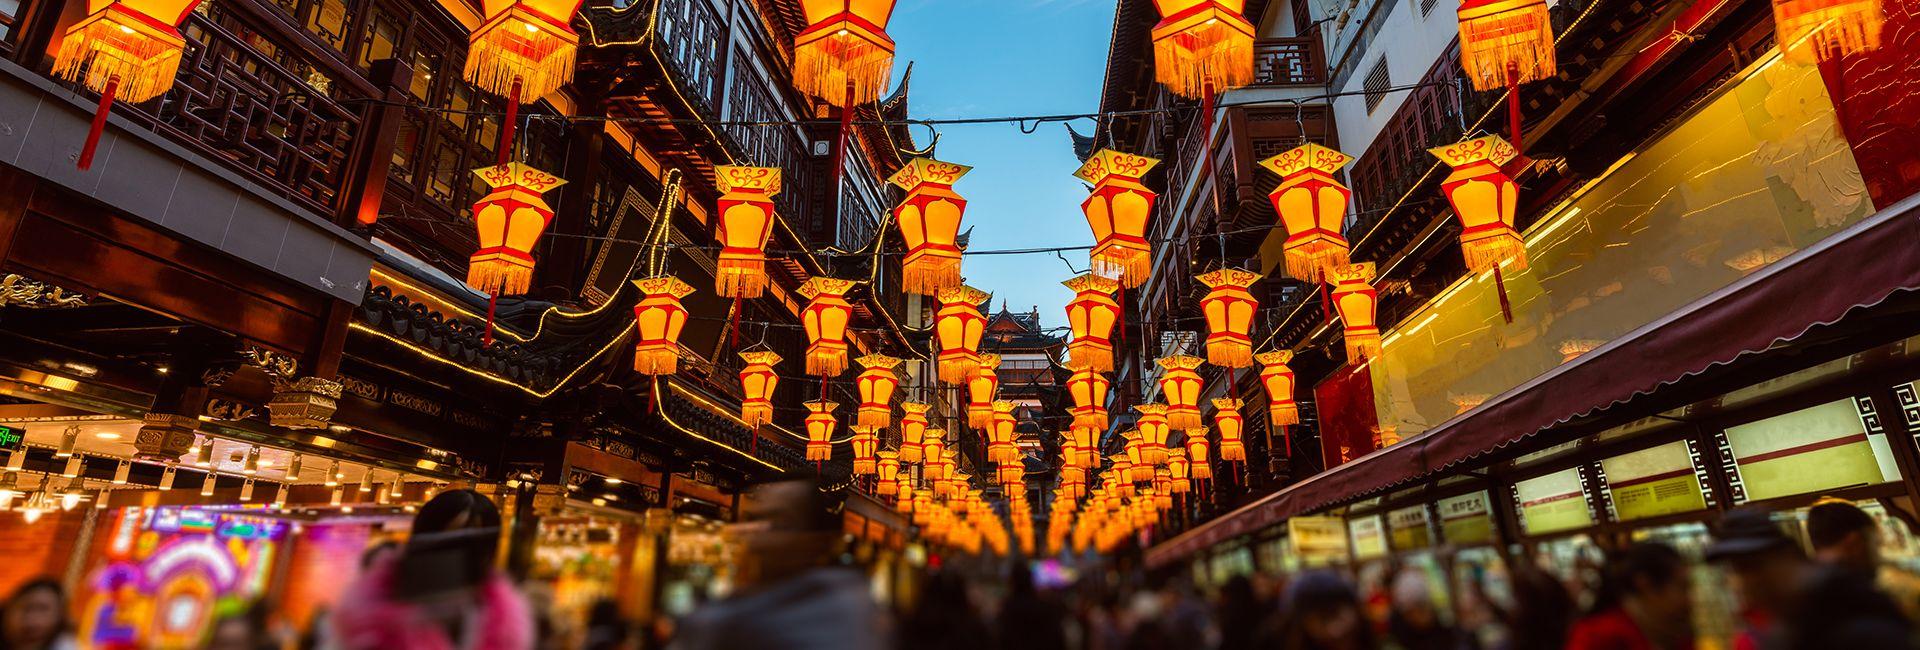 Top 8 lễ hội tuyệt vời nhất ở Thượng Hải